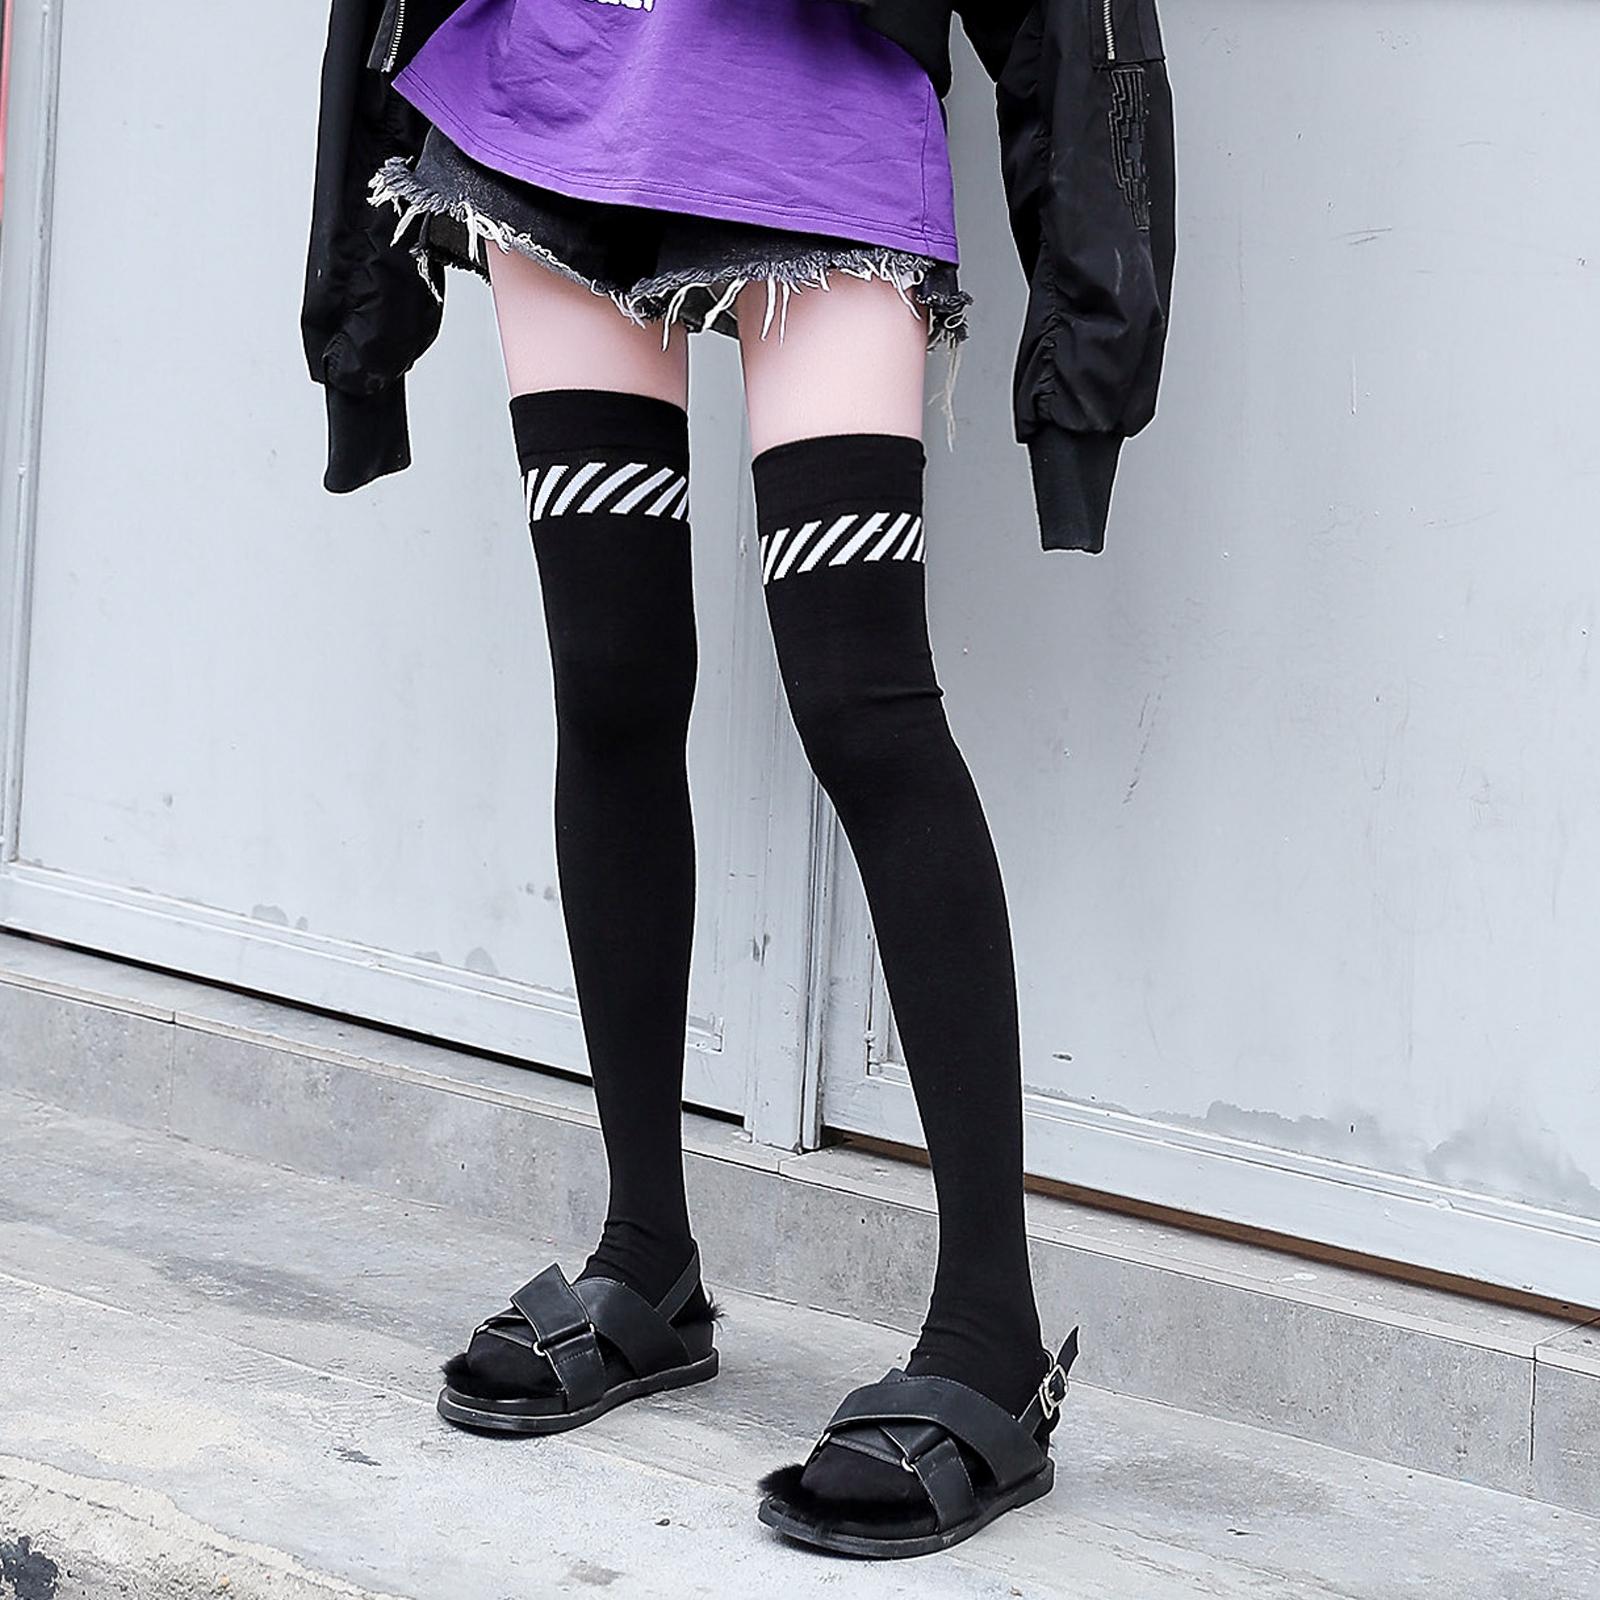 高筒袜女韩国ins潮过膝袜瘦腿日系jk条纹大腿袜黑色春夏薄款袜子